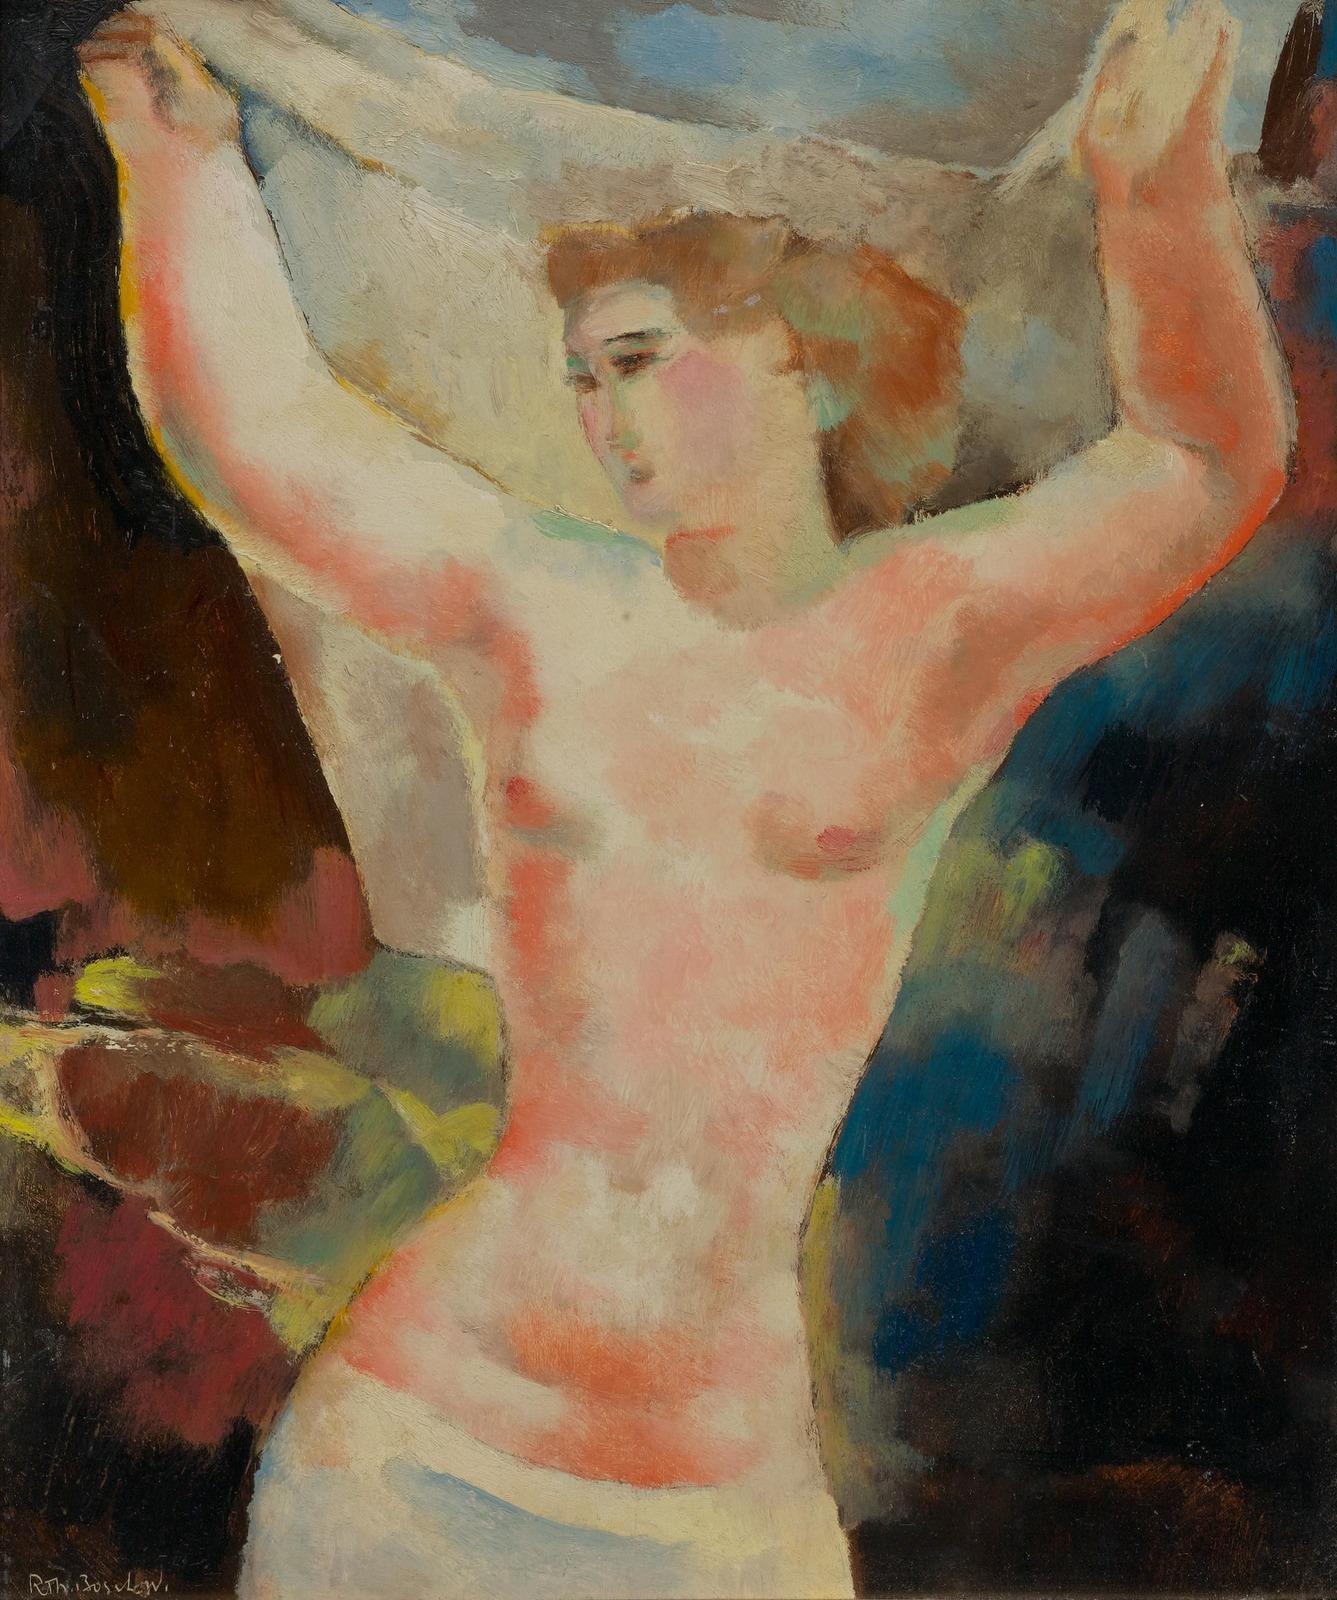 Рудольф-Теофил Босхард. 1928. Обнаженная с поднятыми руками (Nu aux bras leves). 41 x 32.5. Частное собрание.